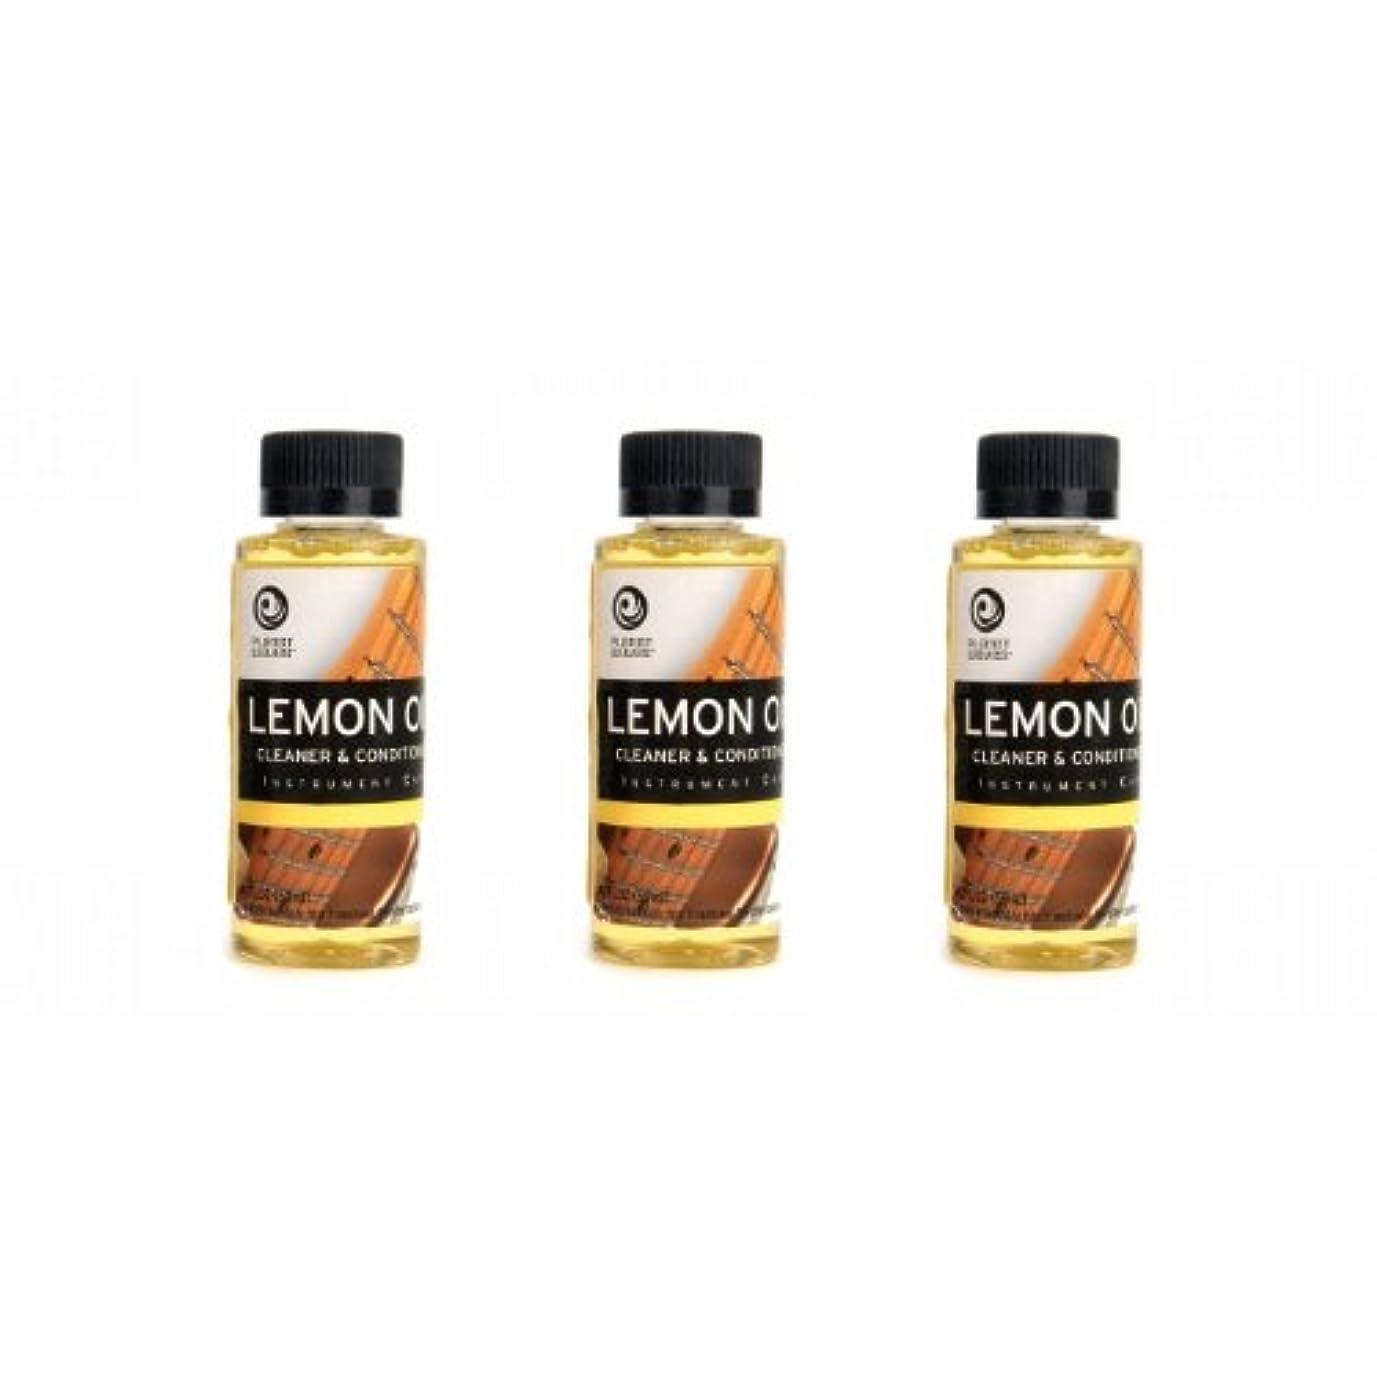 トラブル地図公園PlanetWaves レモンオイル PW-LMN Lemon Oil 3個セット